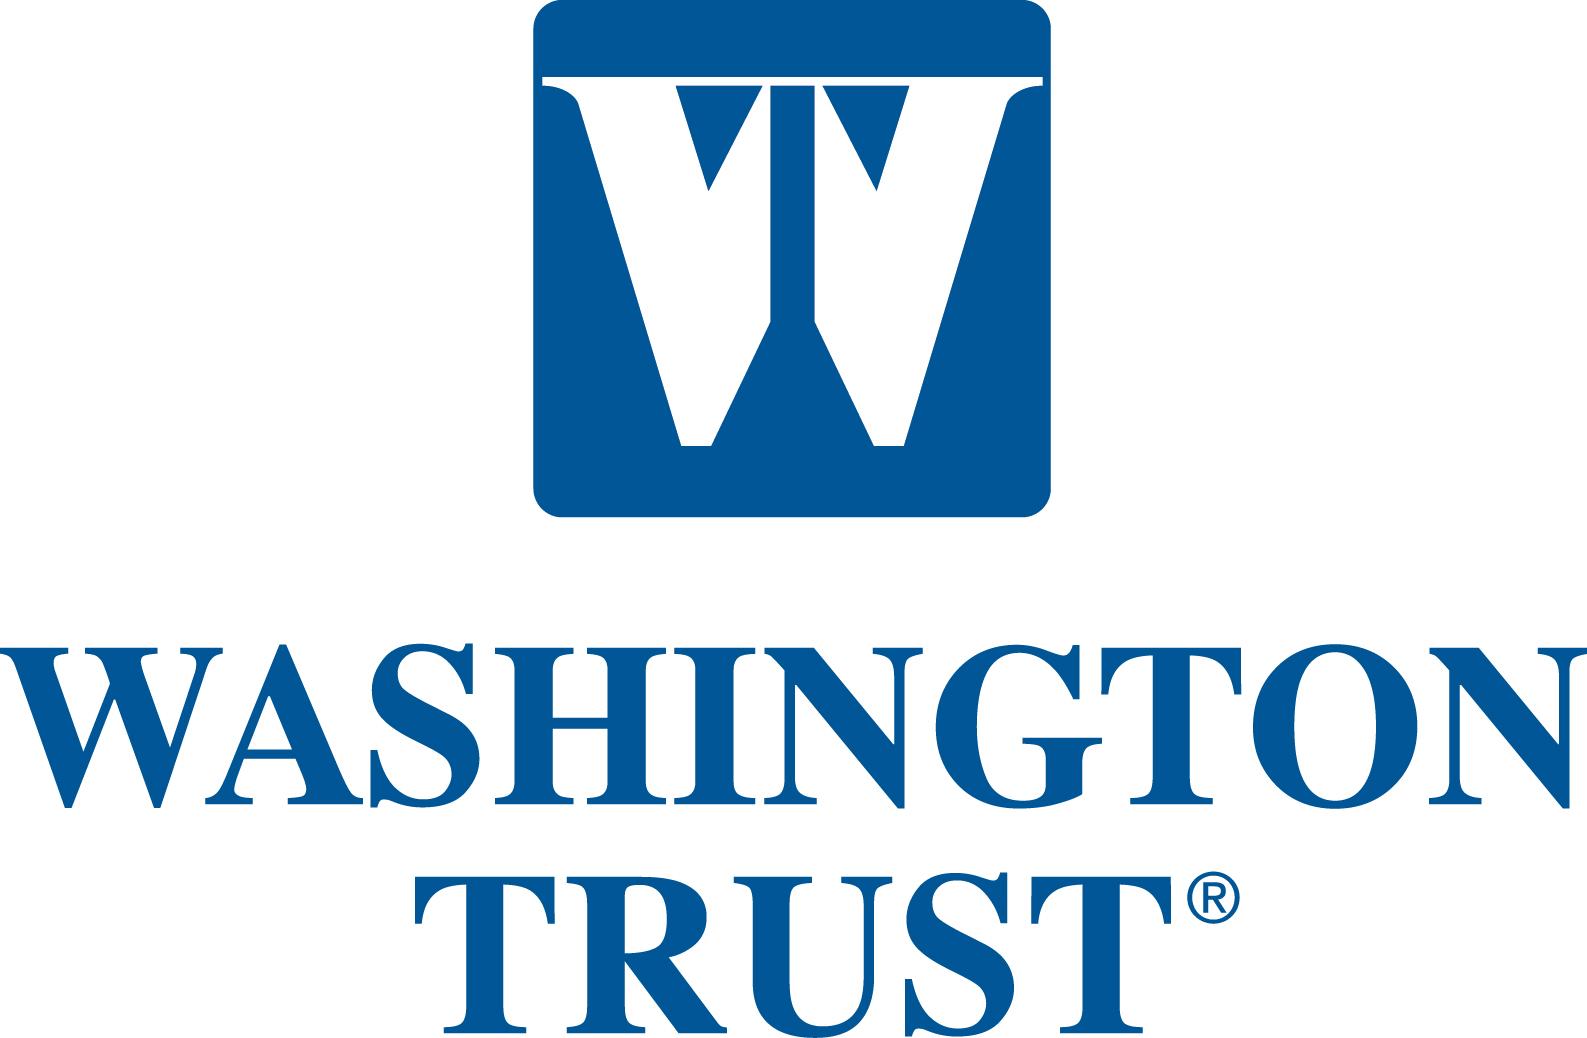 Wash-Trust-Logo-CC2019.jpg